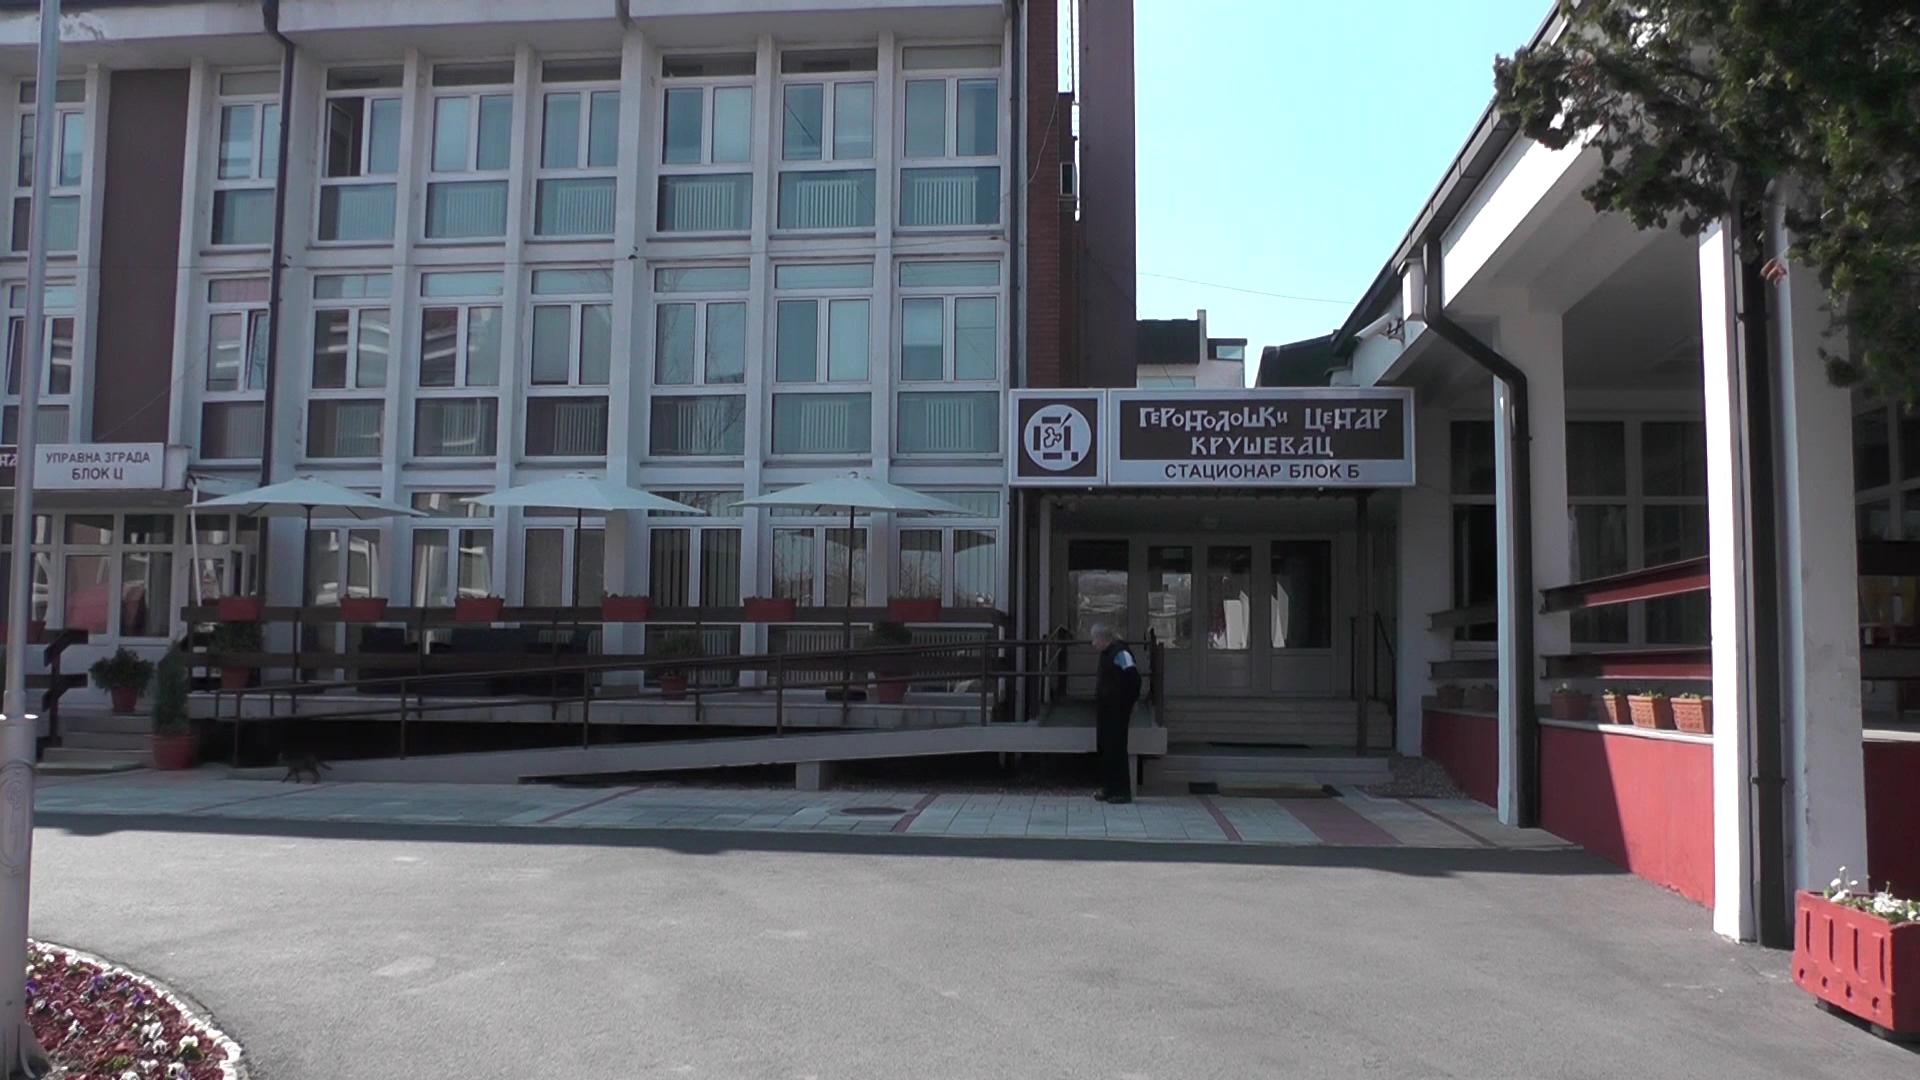 Situacija vezana za aktuelnu epidemiološku situaciju u Gerontološkom centru u Kruševcu stabilna